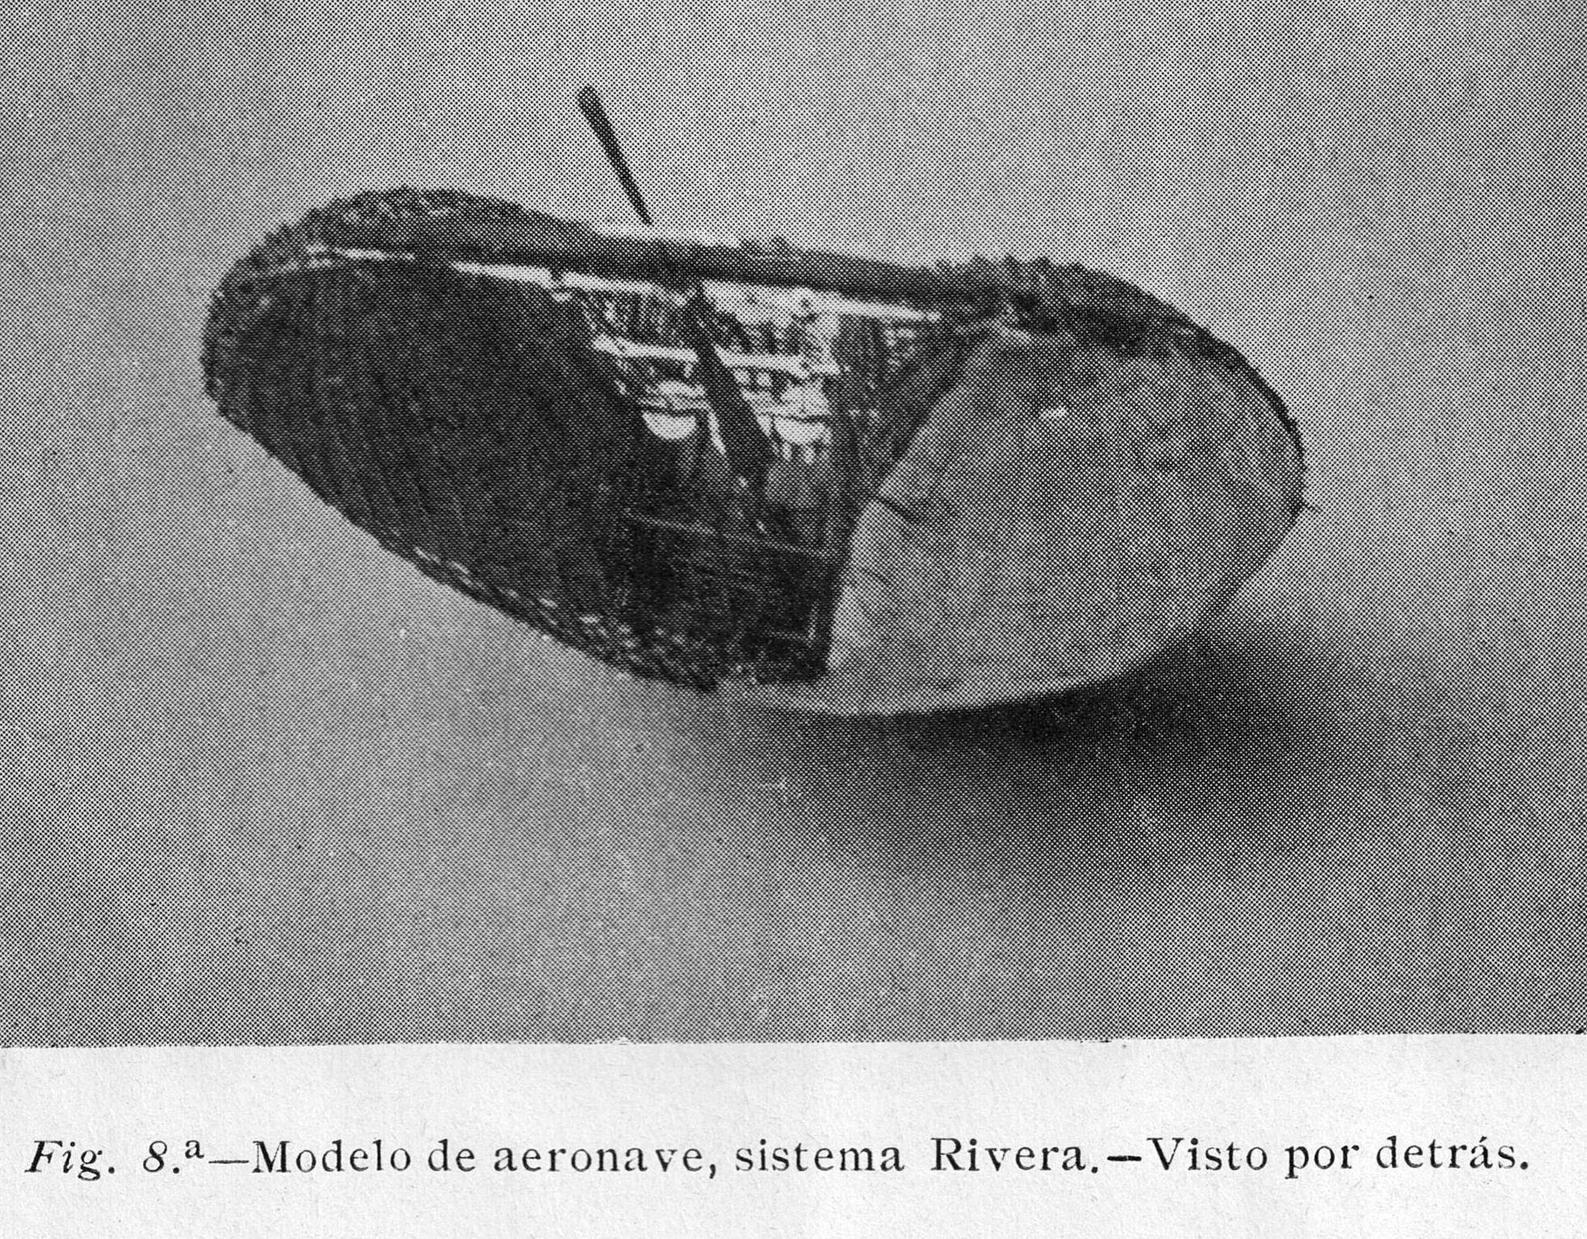 M Rivera Airship rear view